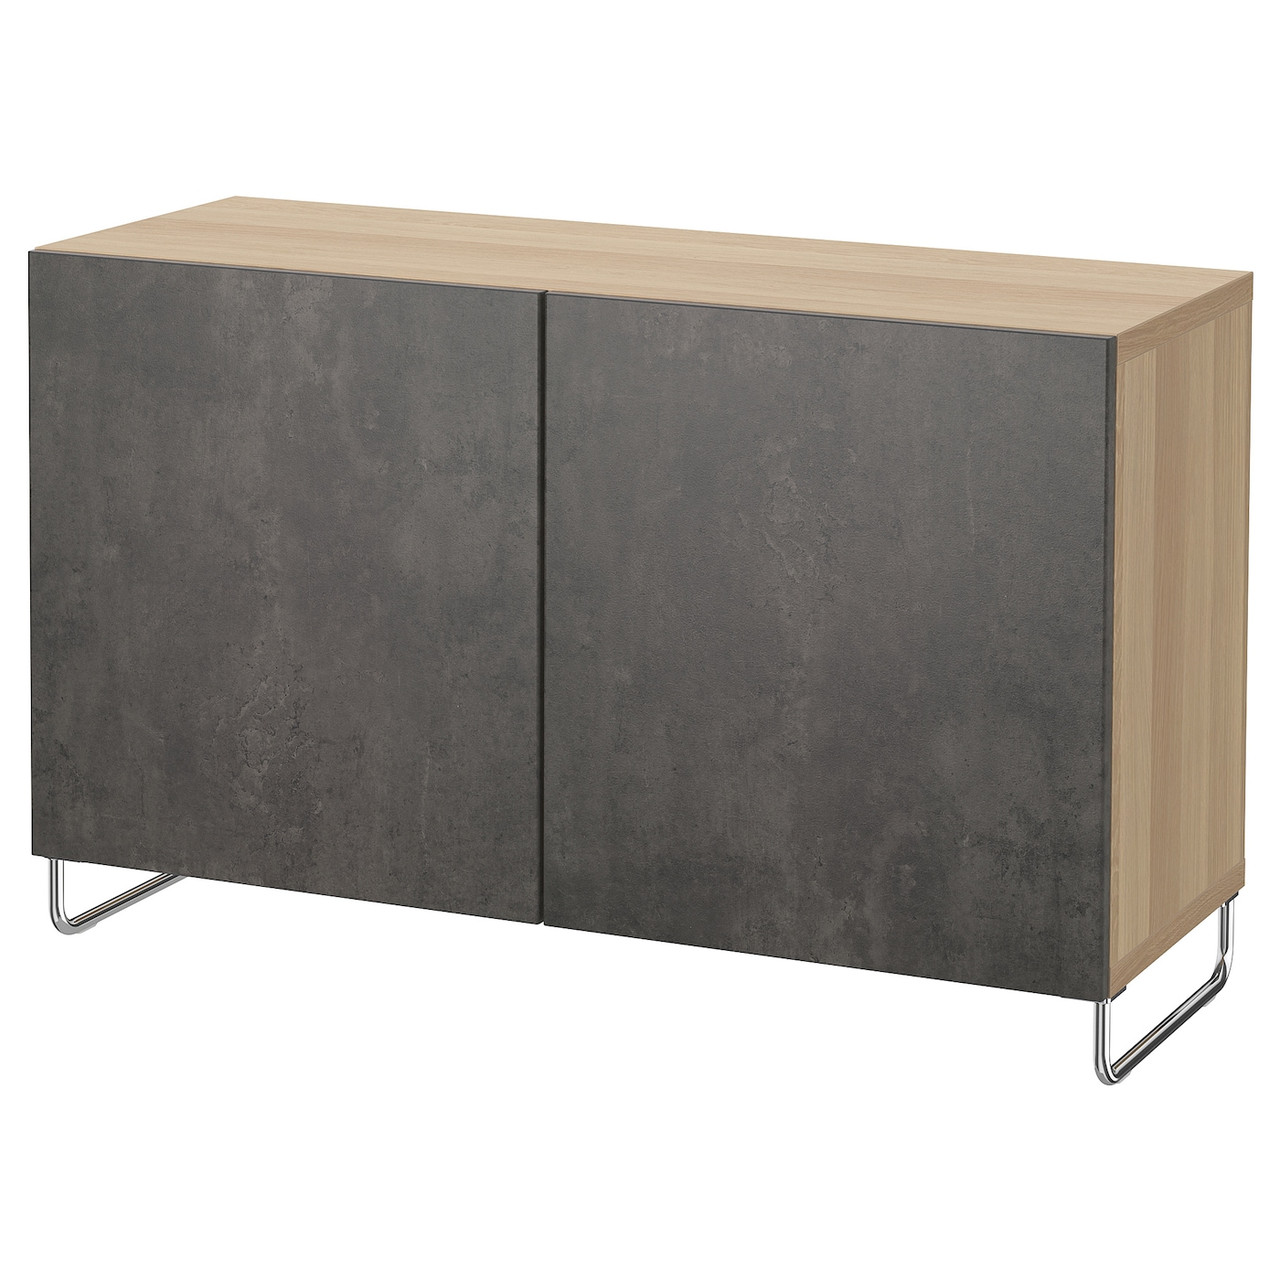 IKEA BESTA Тумба под телевизор 120x40x74 см (992.670.62), фото 1